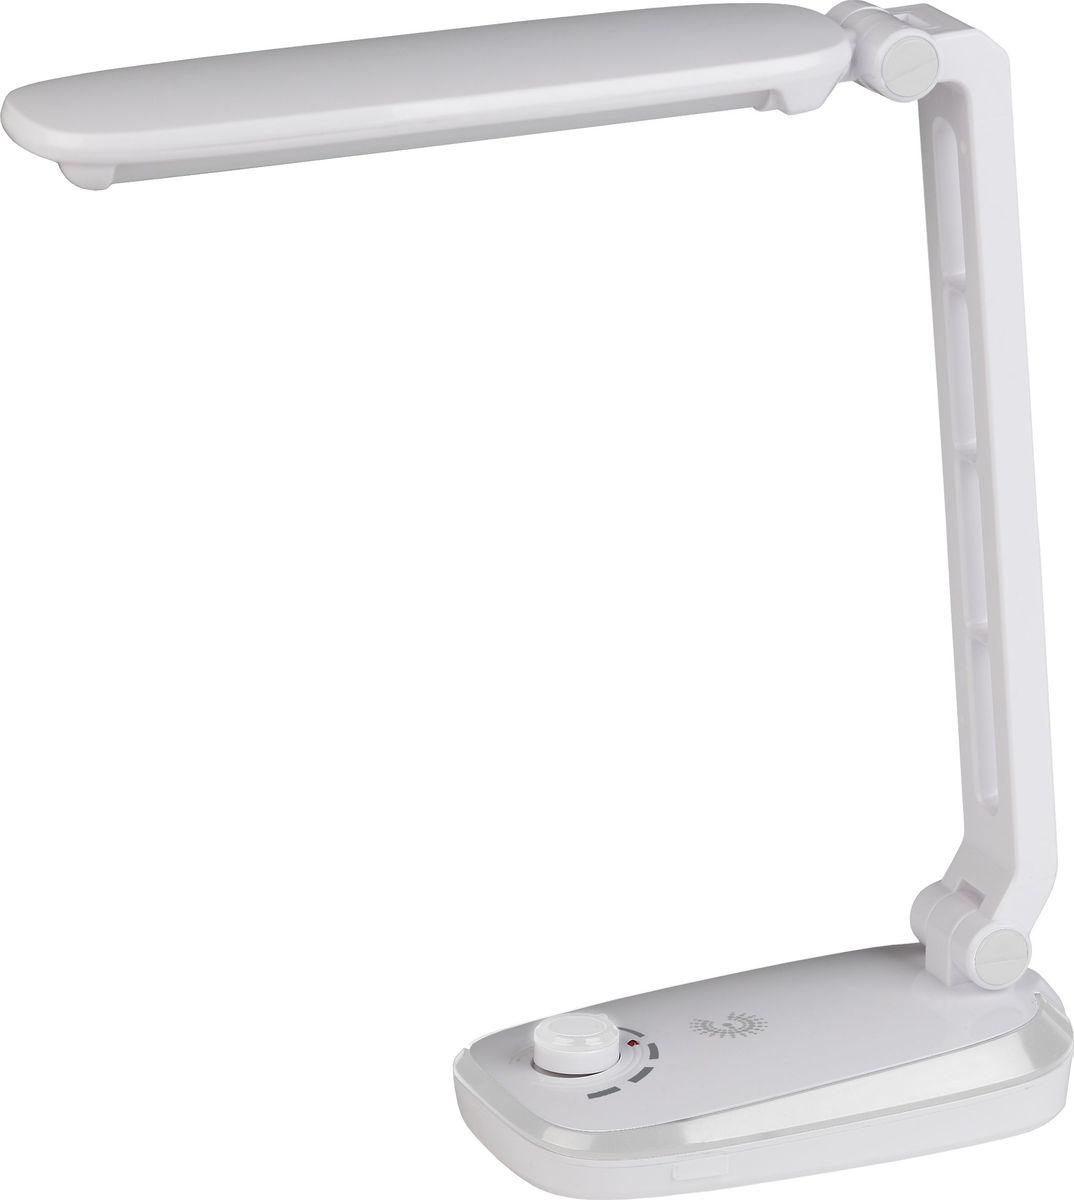 Настольный светильник ЭРА, цвет: белый. NLED-425-4W-WNLED-425-4W-WСветильник со светодиодами (LED) в качестве источников света, которые экономят до 90% электроэнергии и не требуют замены на протяжении всего срока службы светильника. Аккумулятор для автономной работы до 4 часов. Плавная регулировка яркости. Съемный сетевой шнур в комплекте. Устойчивое основание. Складная конструкция. Направление света регулируется наклоном стойки и поворотом панели со светодиодами относительно стойки для максимального комфорта. Теплый свет, аналогичный свету лампы накаливания - цветовая температура 3000К.